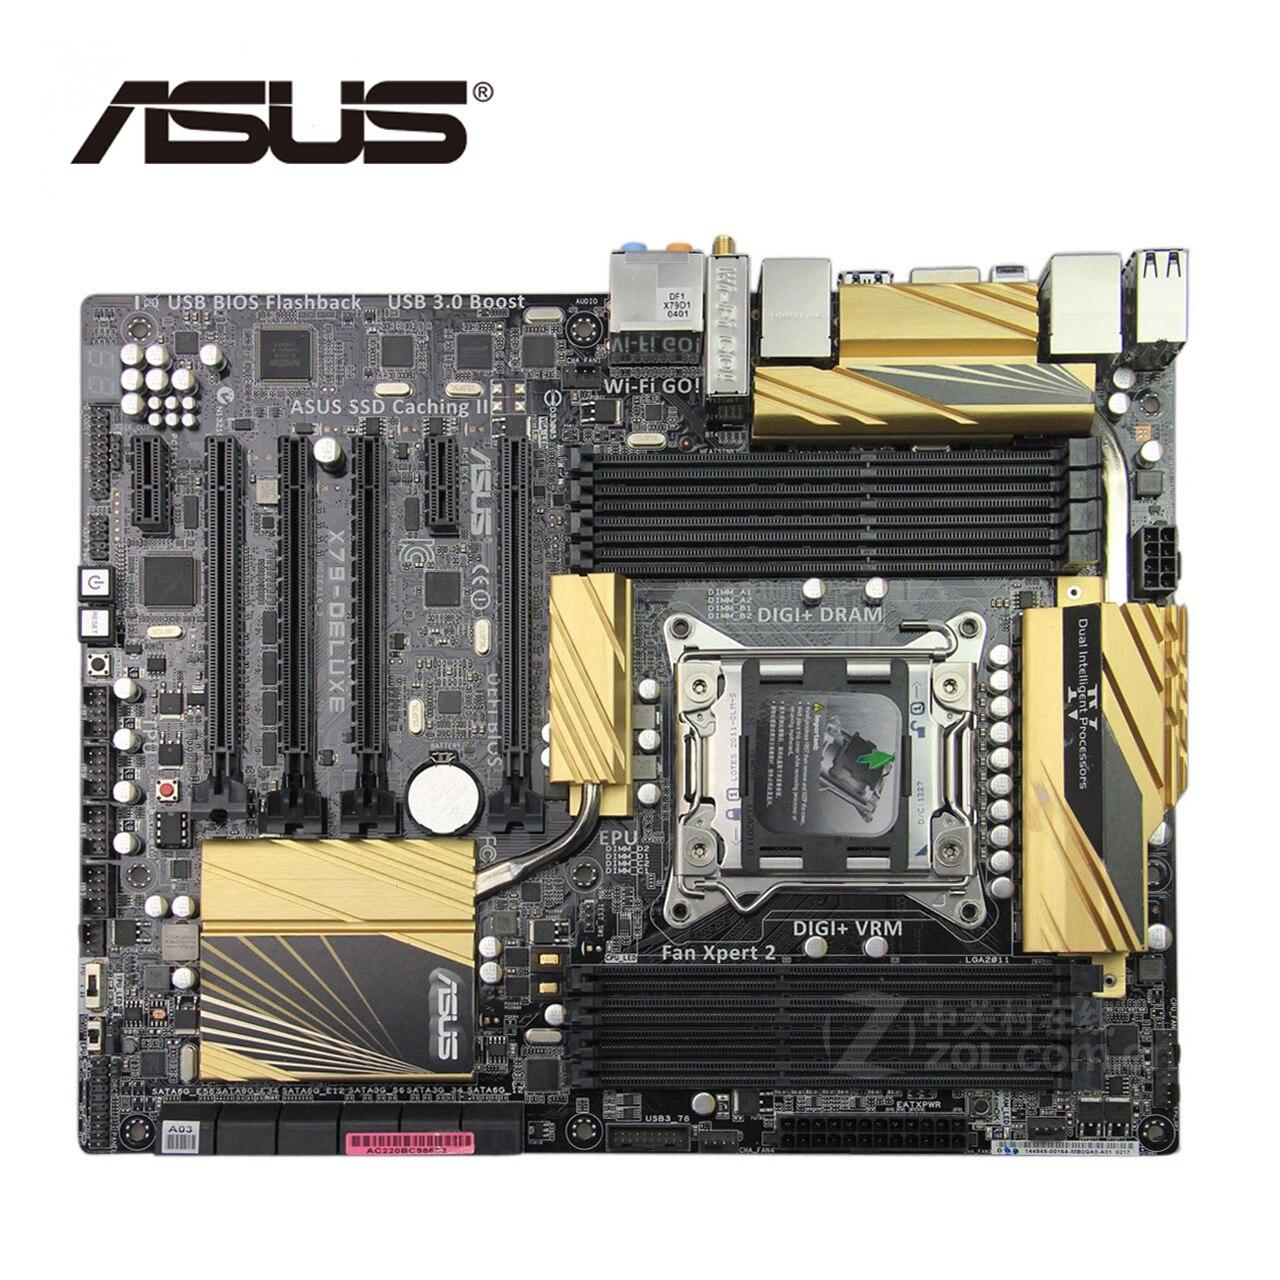 100% Nouveau!!! LGA 2011 DDR3 Pour ASUS X79-DELUXE Nouvelle Carte Mère D'origine 64G Carte Mère SATA III Systemboard Pour Intel X79 DELUXE